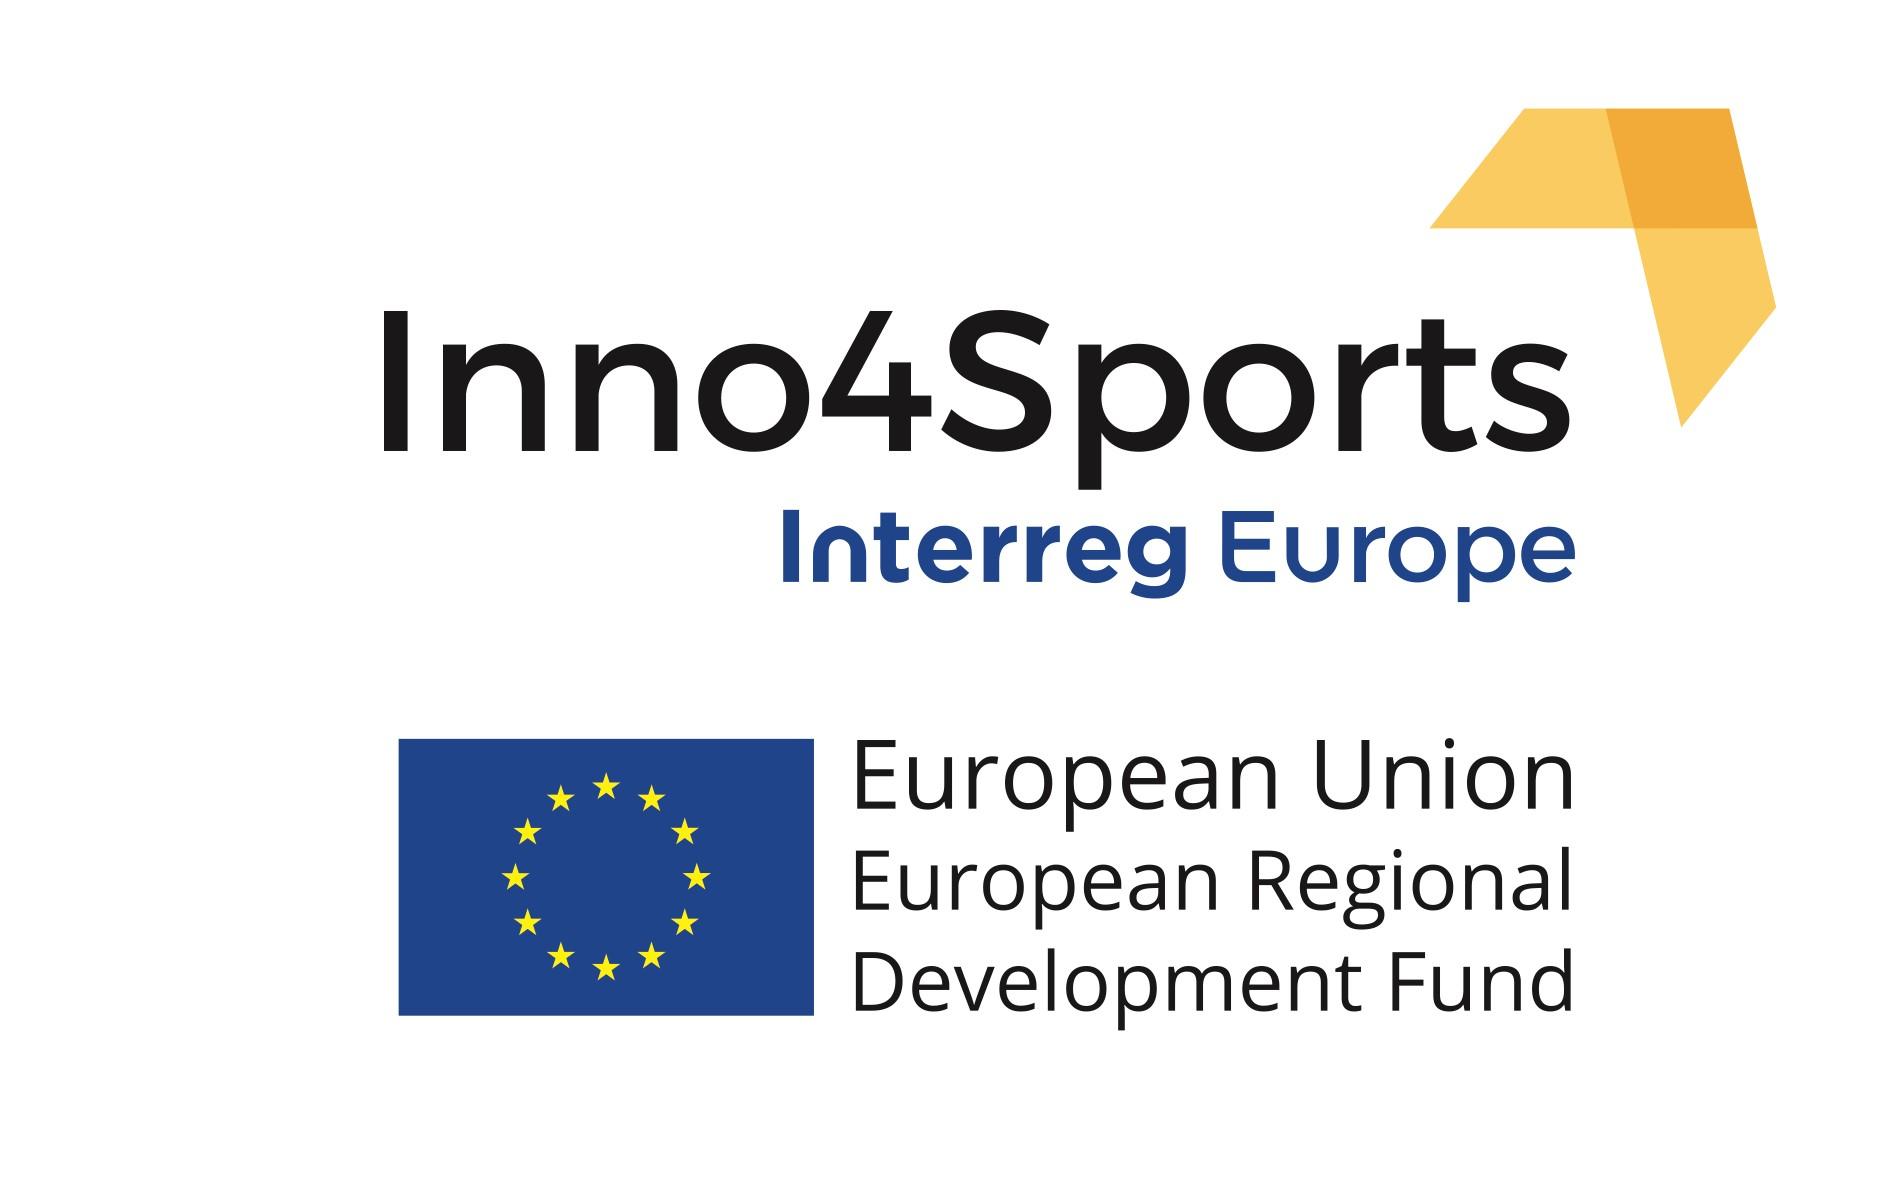 INNO4SPORTS logotipo